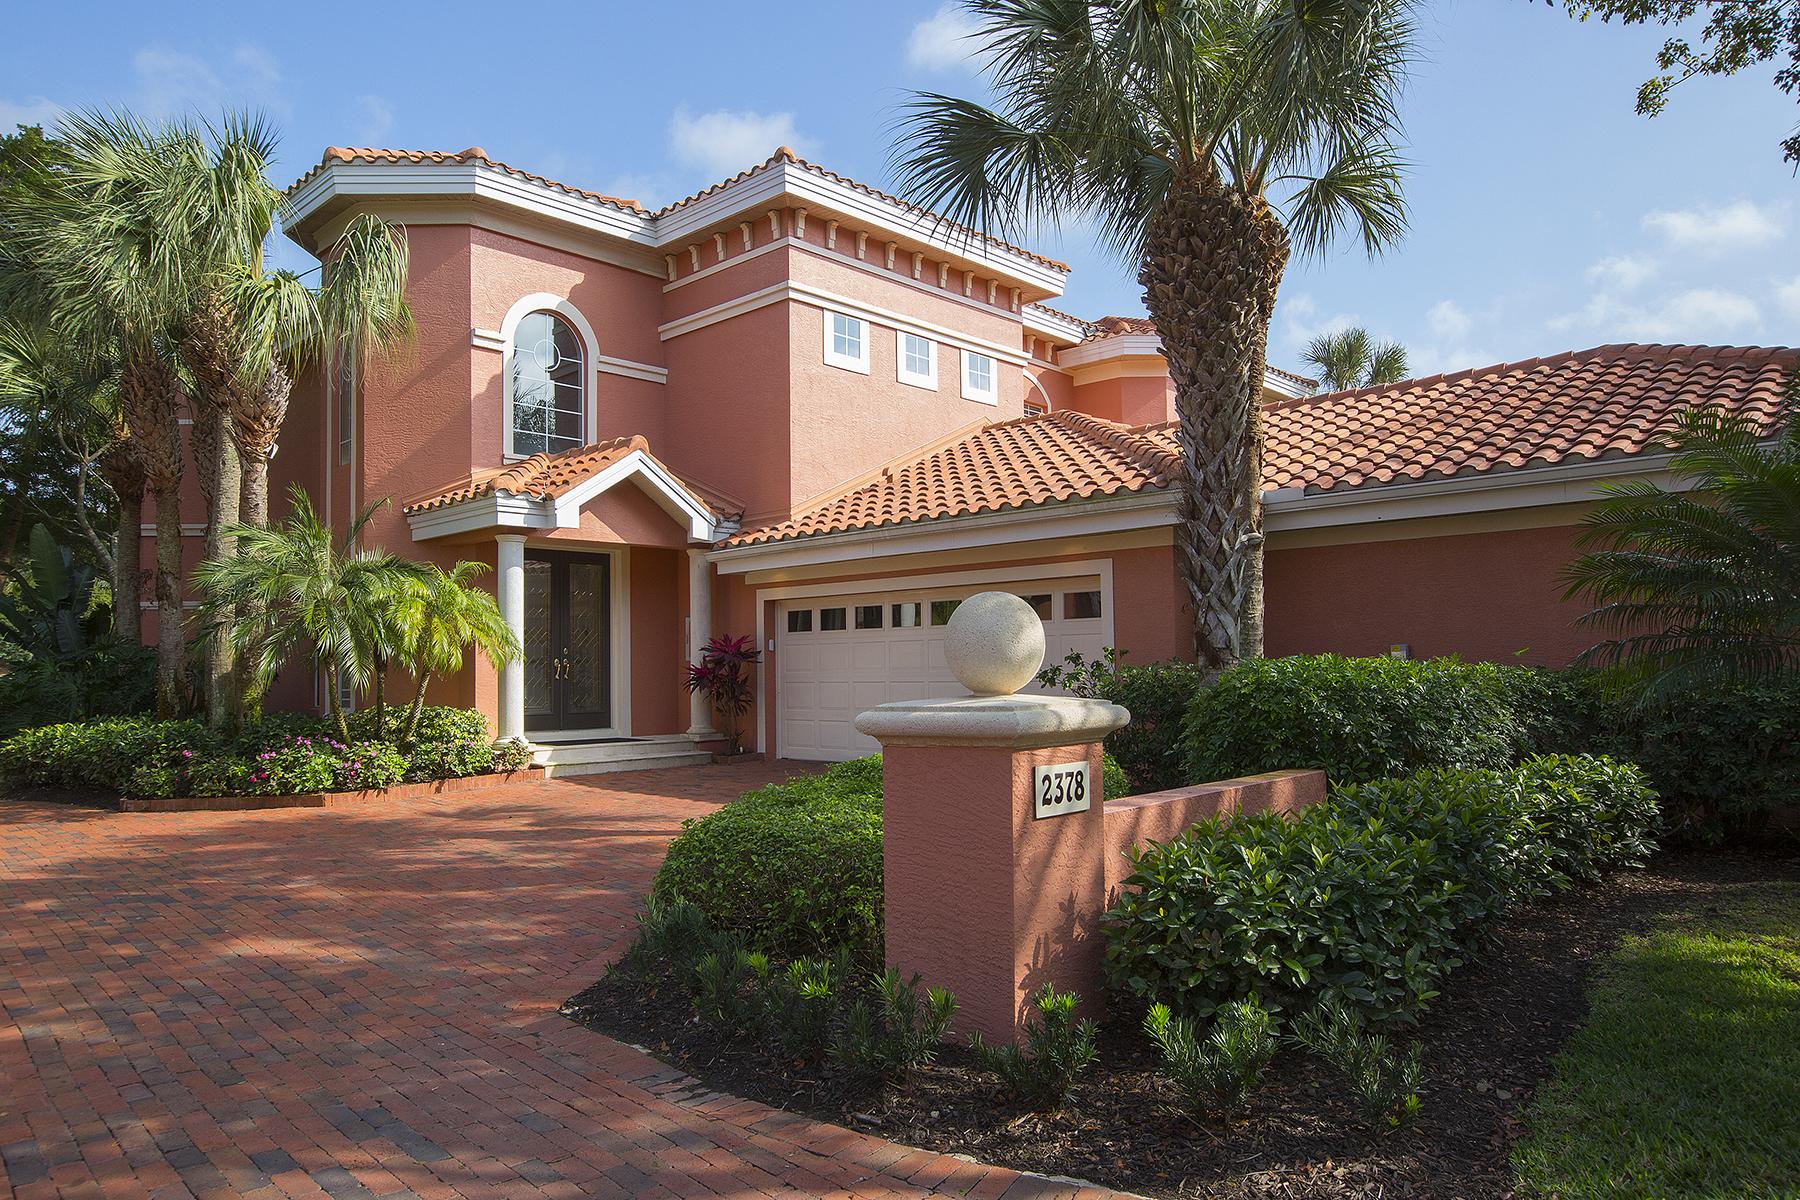 共管物業 為 出售 在 2378 Terra Verde Lane, 2378, Naples, FL 34105 2378 Terra Verde Ln 2378 Naples, 佛羅里達州, 34105 美國